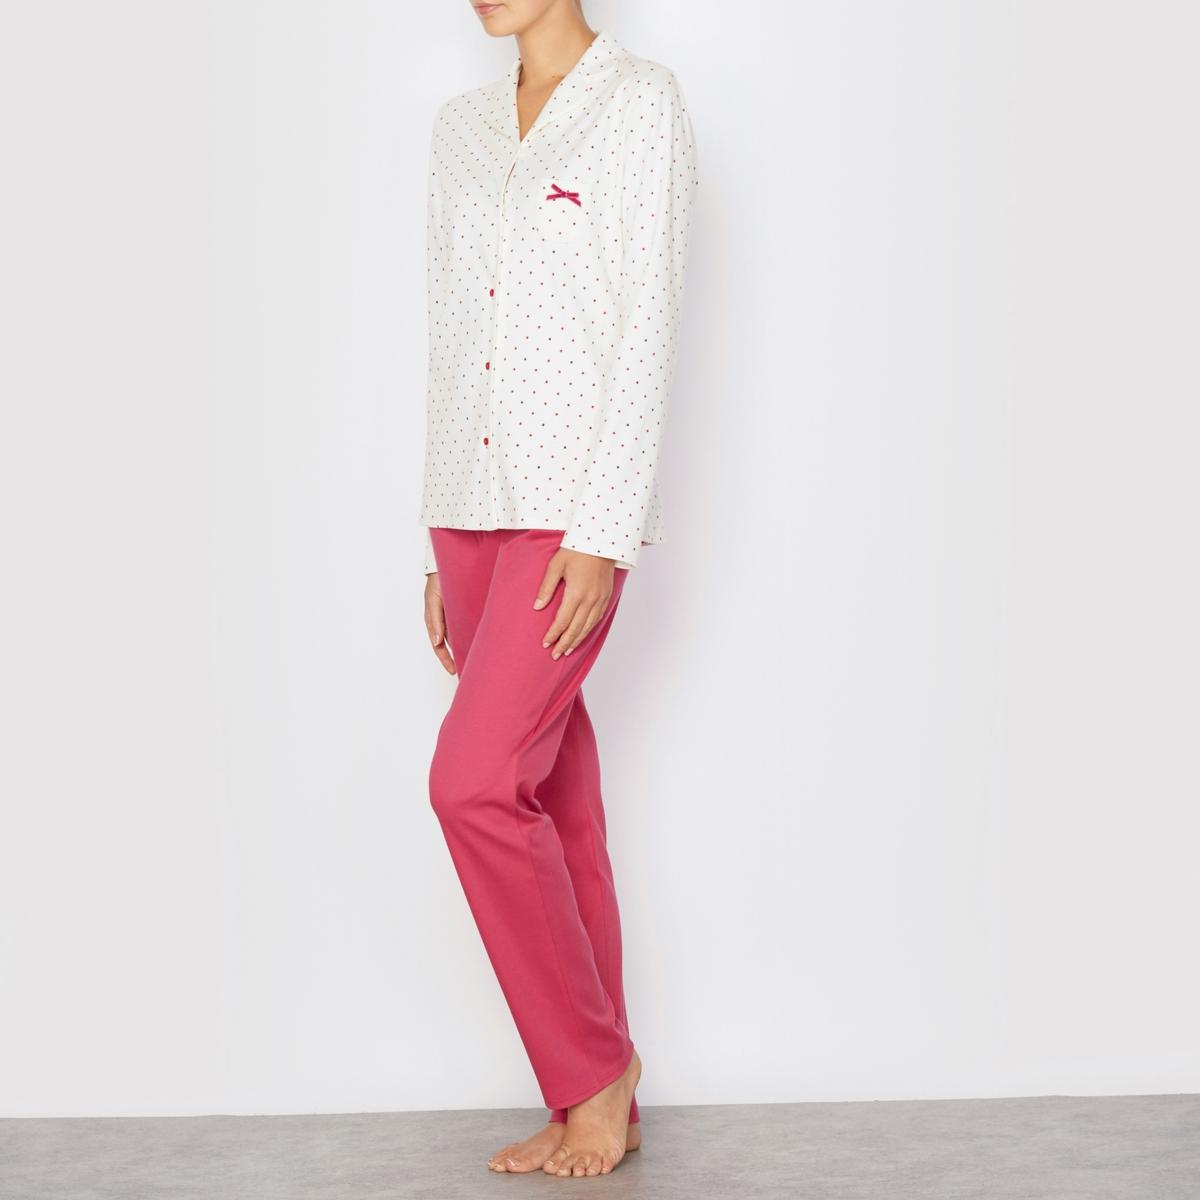 Пижама Flocon LE CHATСостав и описание:Рубашка в горошек:  Длинные рукава.Рубашечный воротник.Застёжка на обтяжные пуговицы.Брюки однотонные:Эластичный пояс.Длина по внутреннему шву: 78,5 см.Материал: 100% хлопка.<br><br>Цвет: экрю/ красный<br>Размер: 48 (FR) - 54 (RUS)